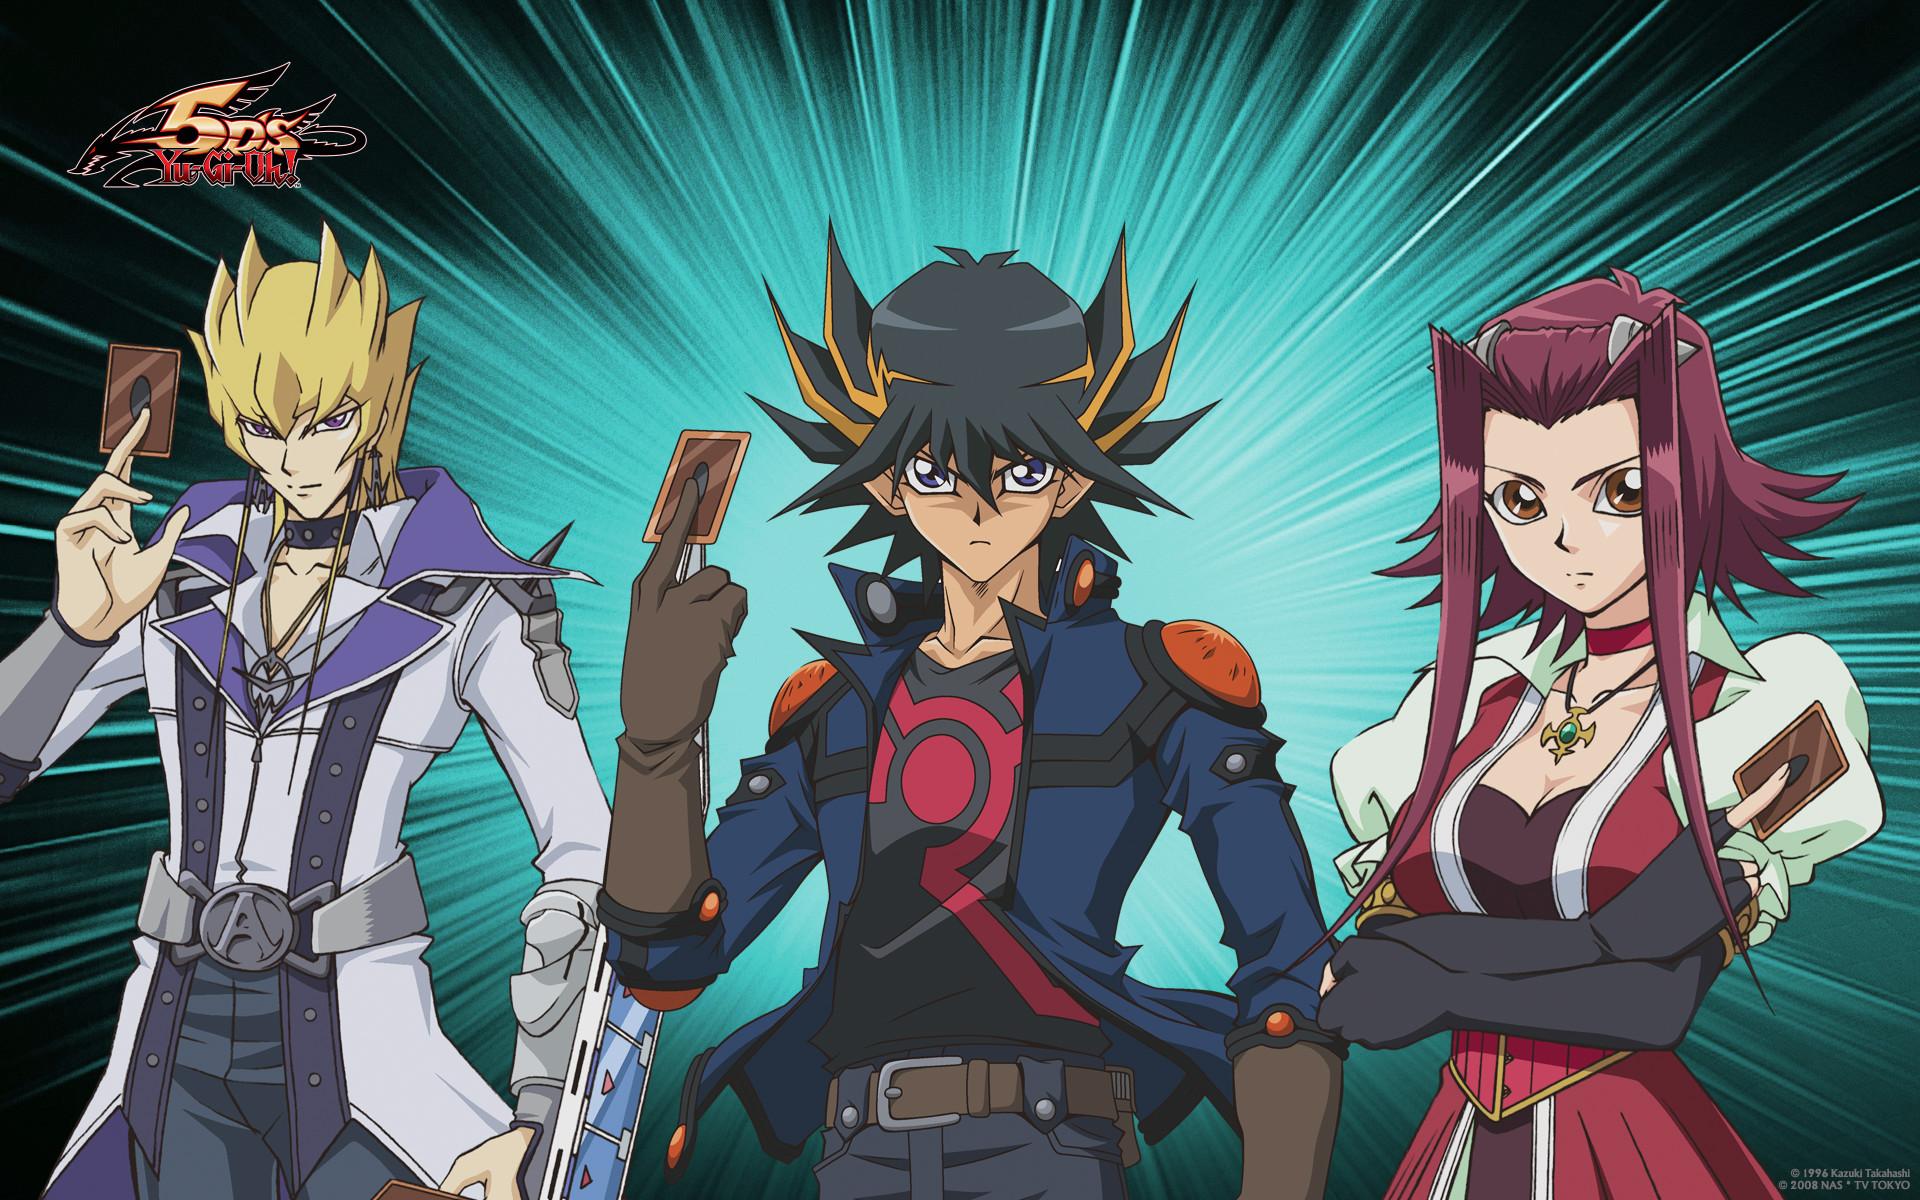 Yu-Gi-Oh 5D's Pics, Anime Collection